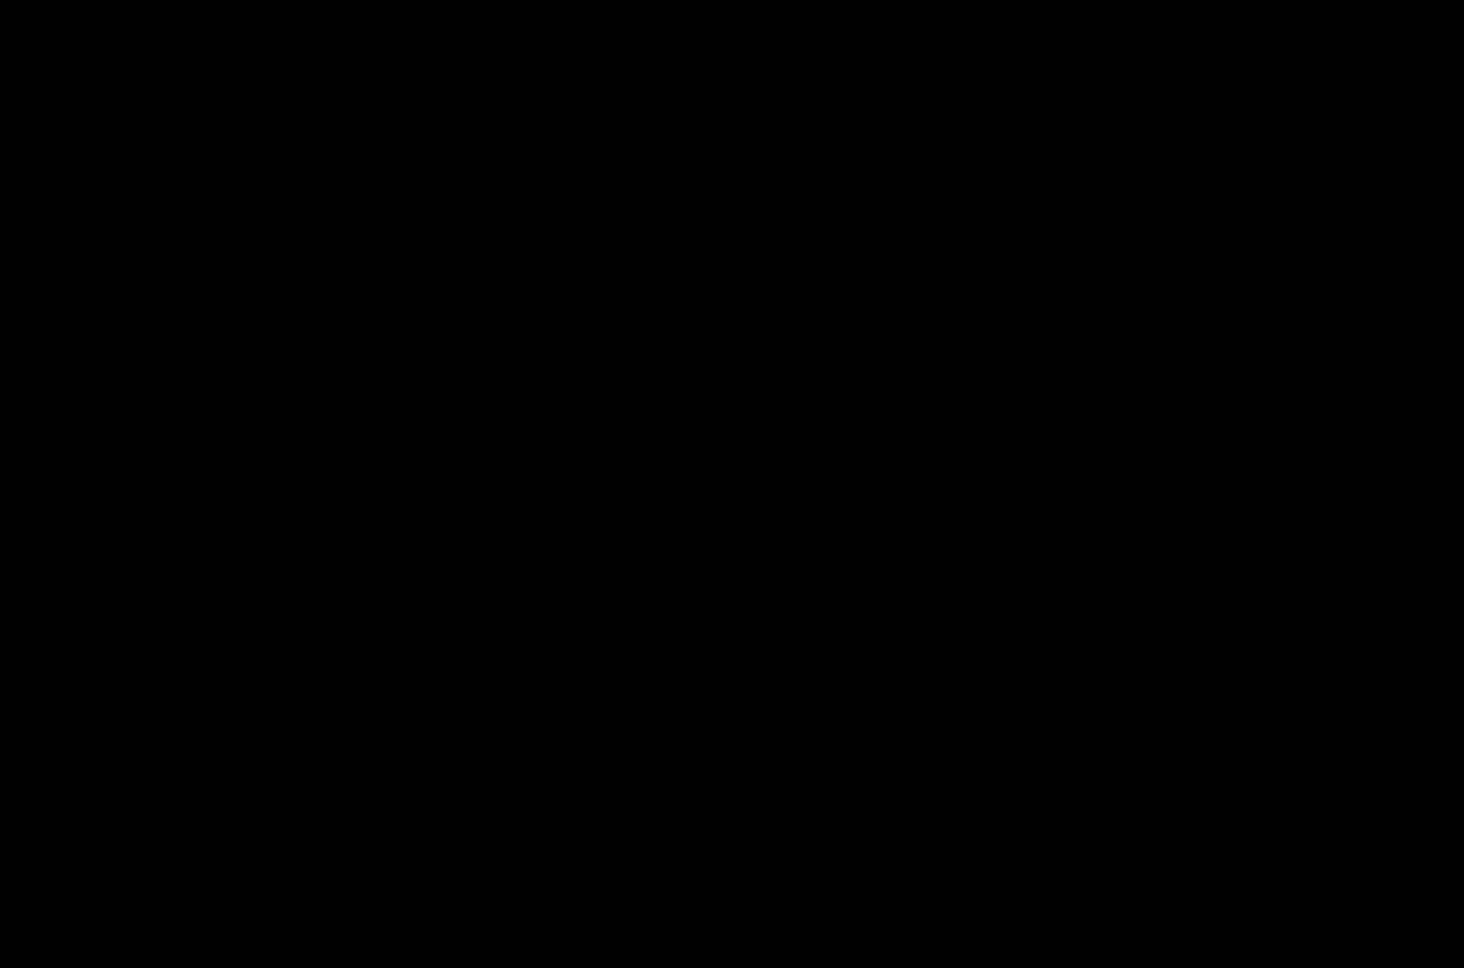 Dansyl-d<sub>6</sub>-amidoethyl methanethiosulfonate